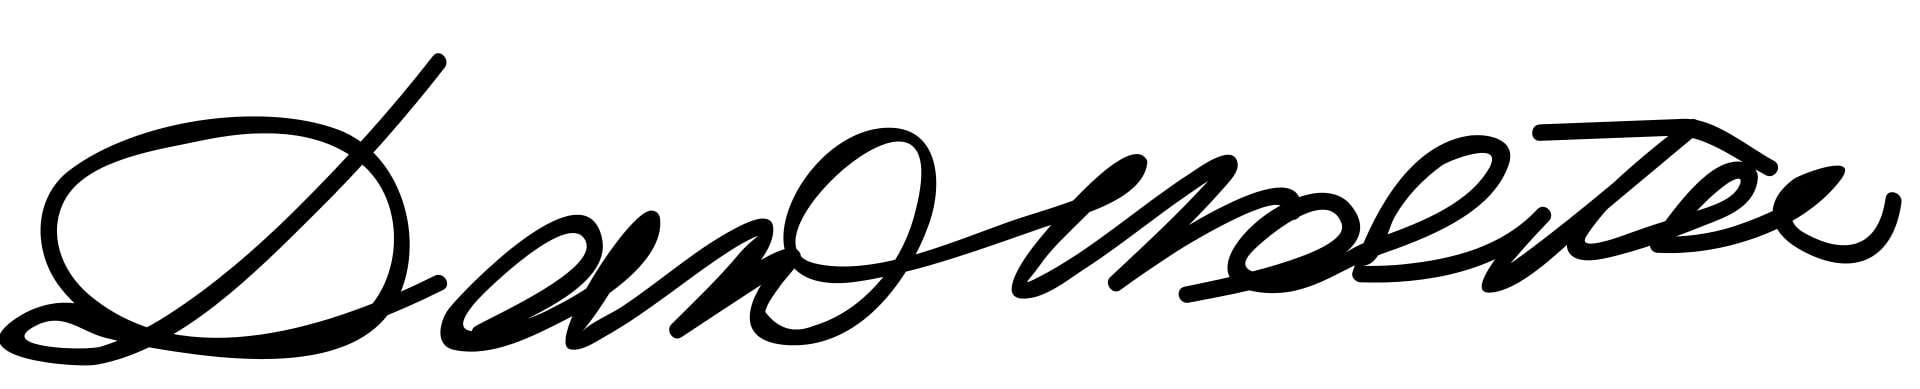 Daniel Webster Signature